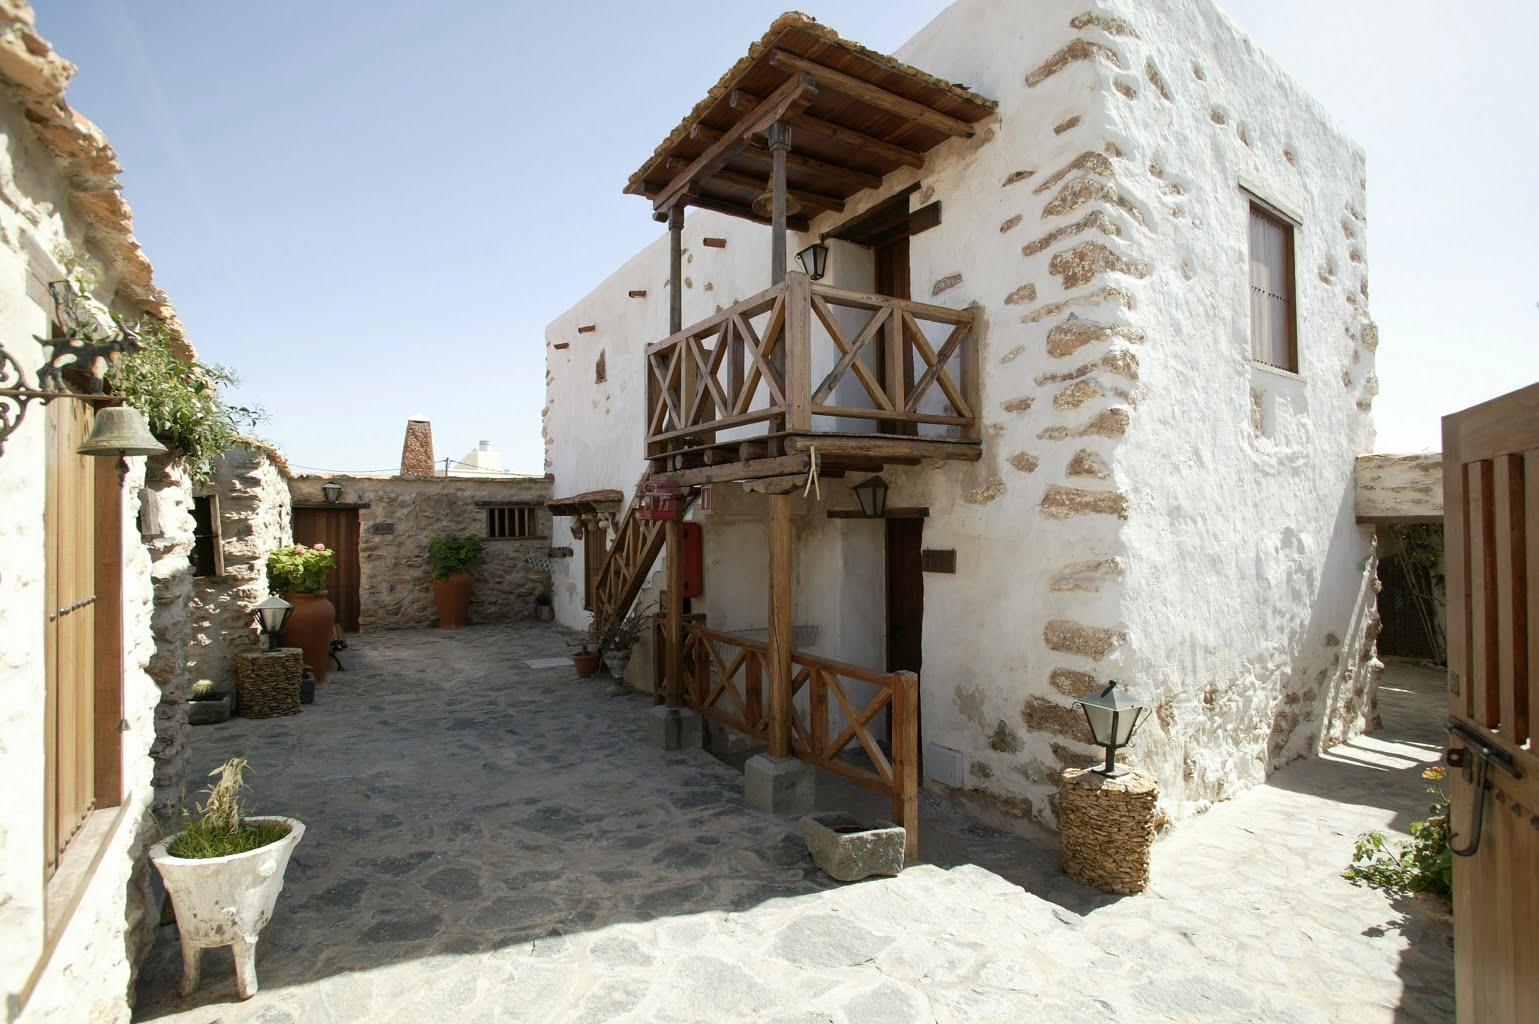 Casa rural fuerteventura - Requisitos para montar una casa rural ...